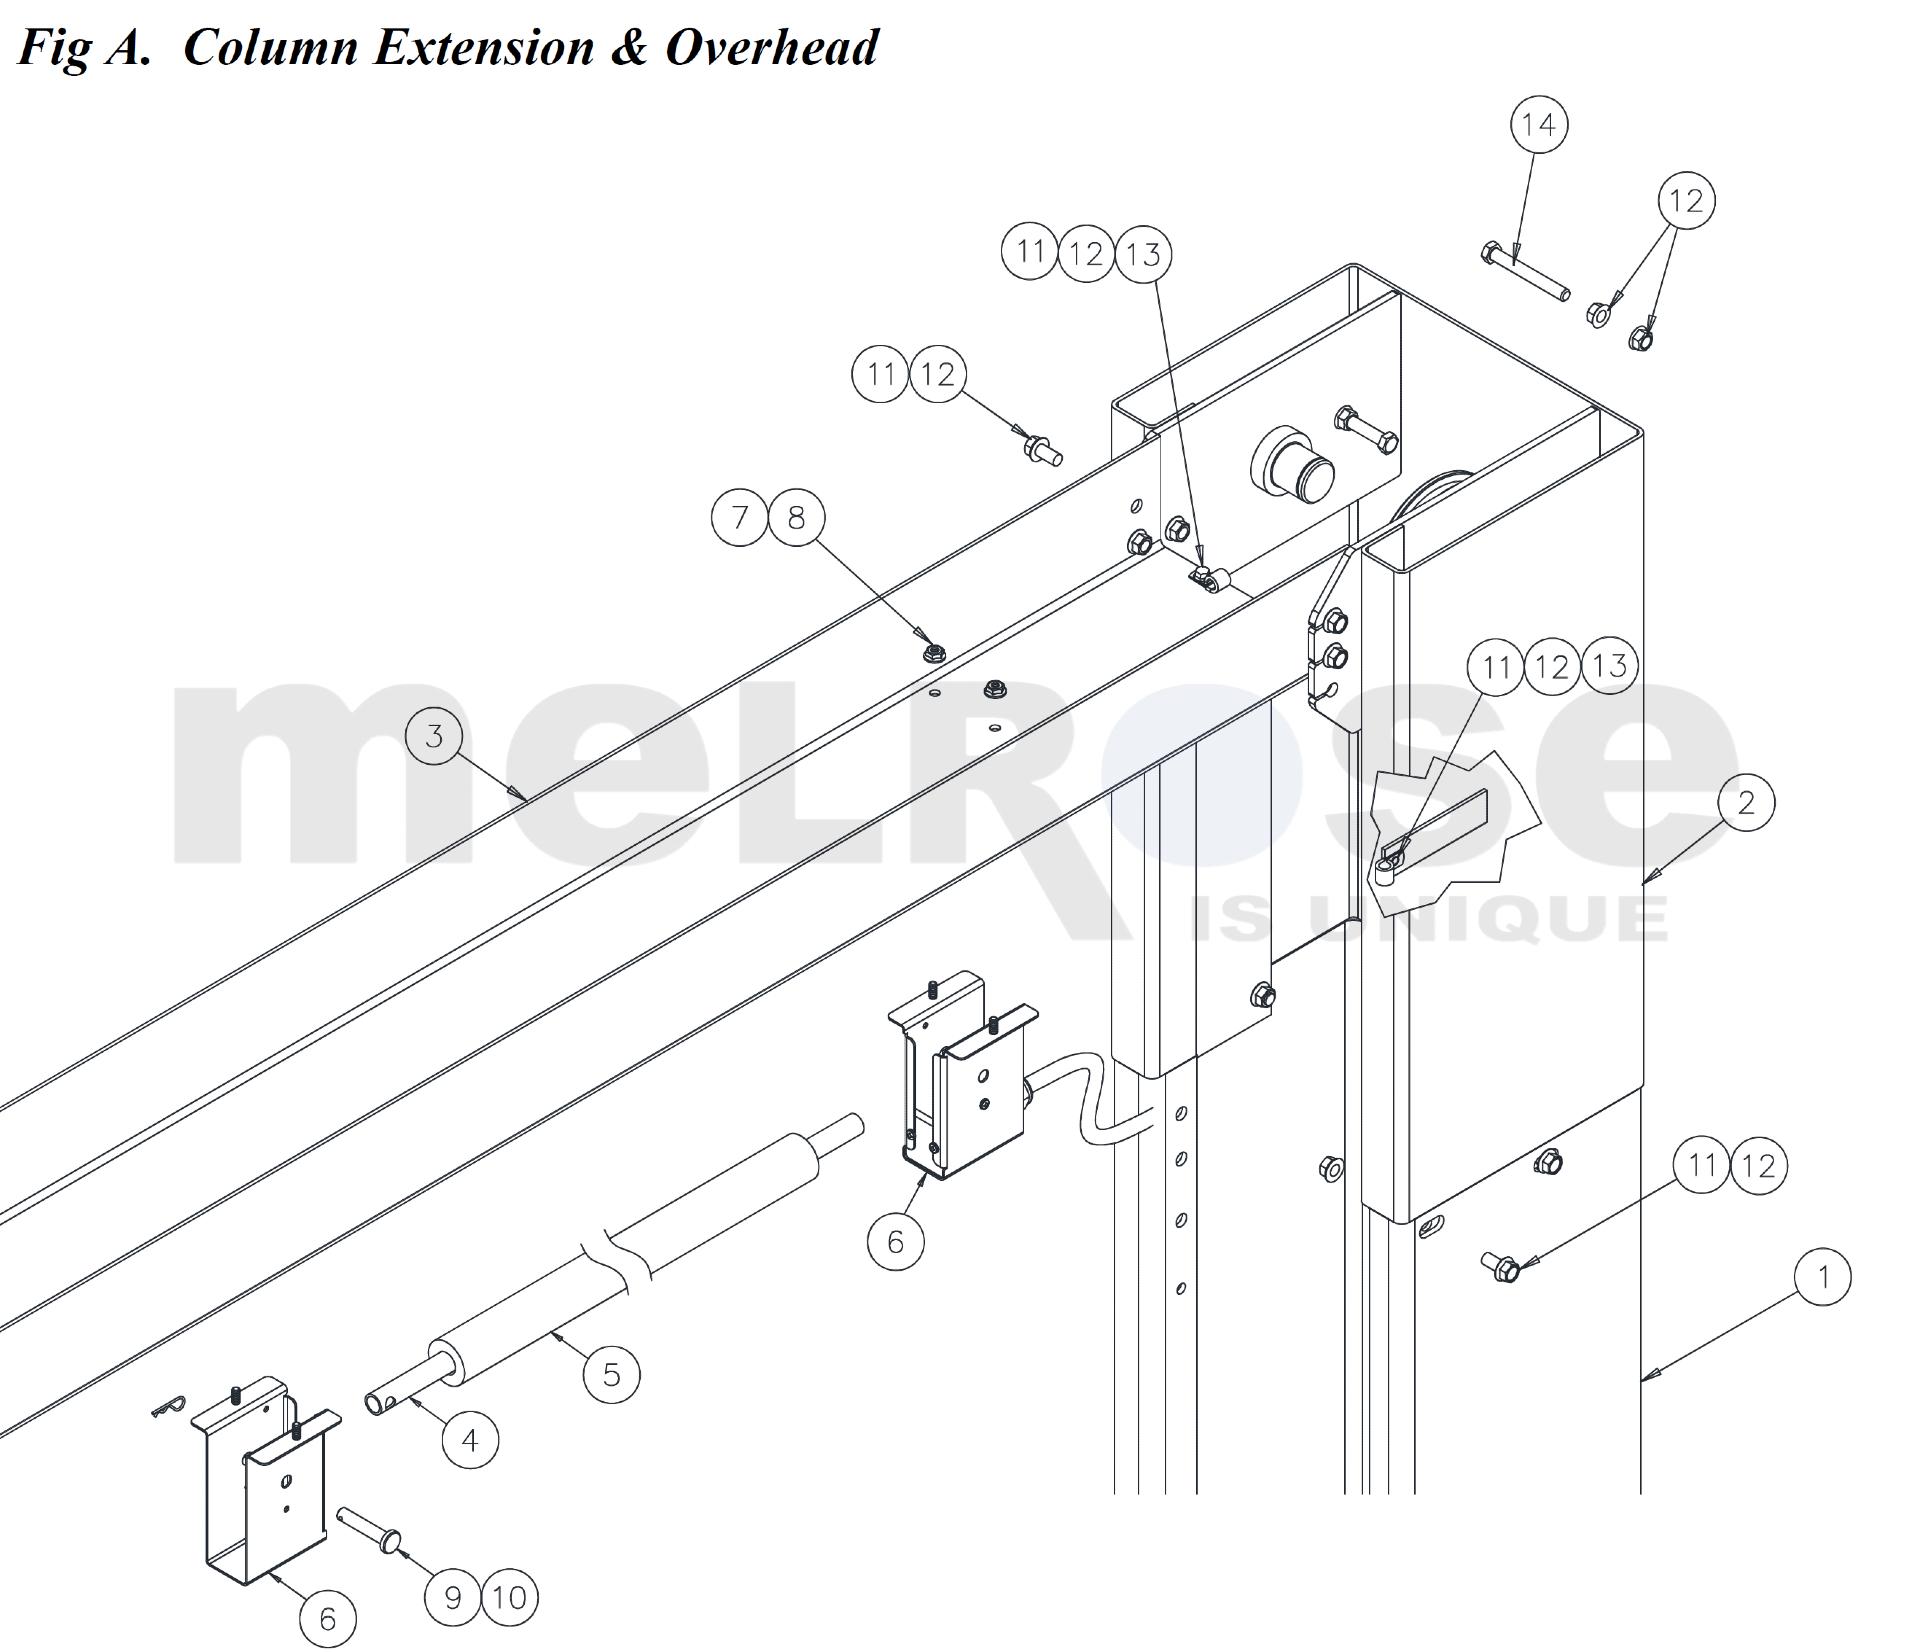 15000-fig-a.-column-ext-overhead-wm.jpg